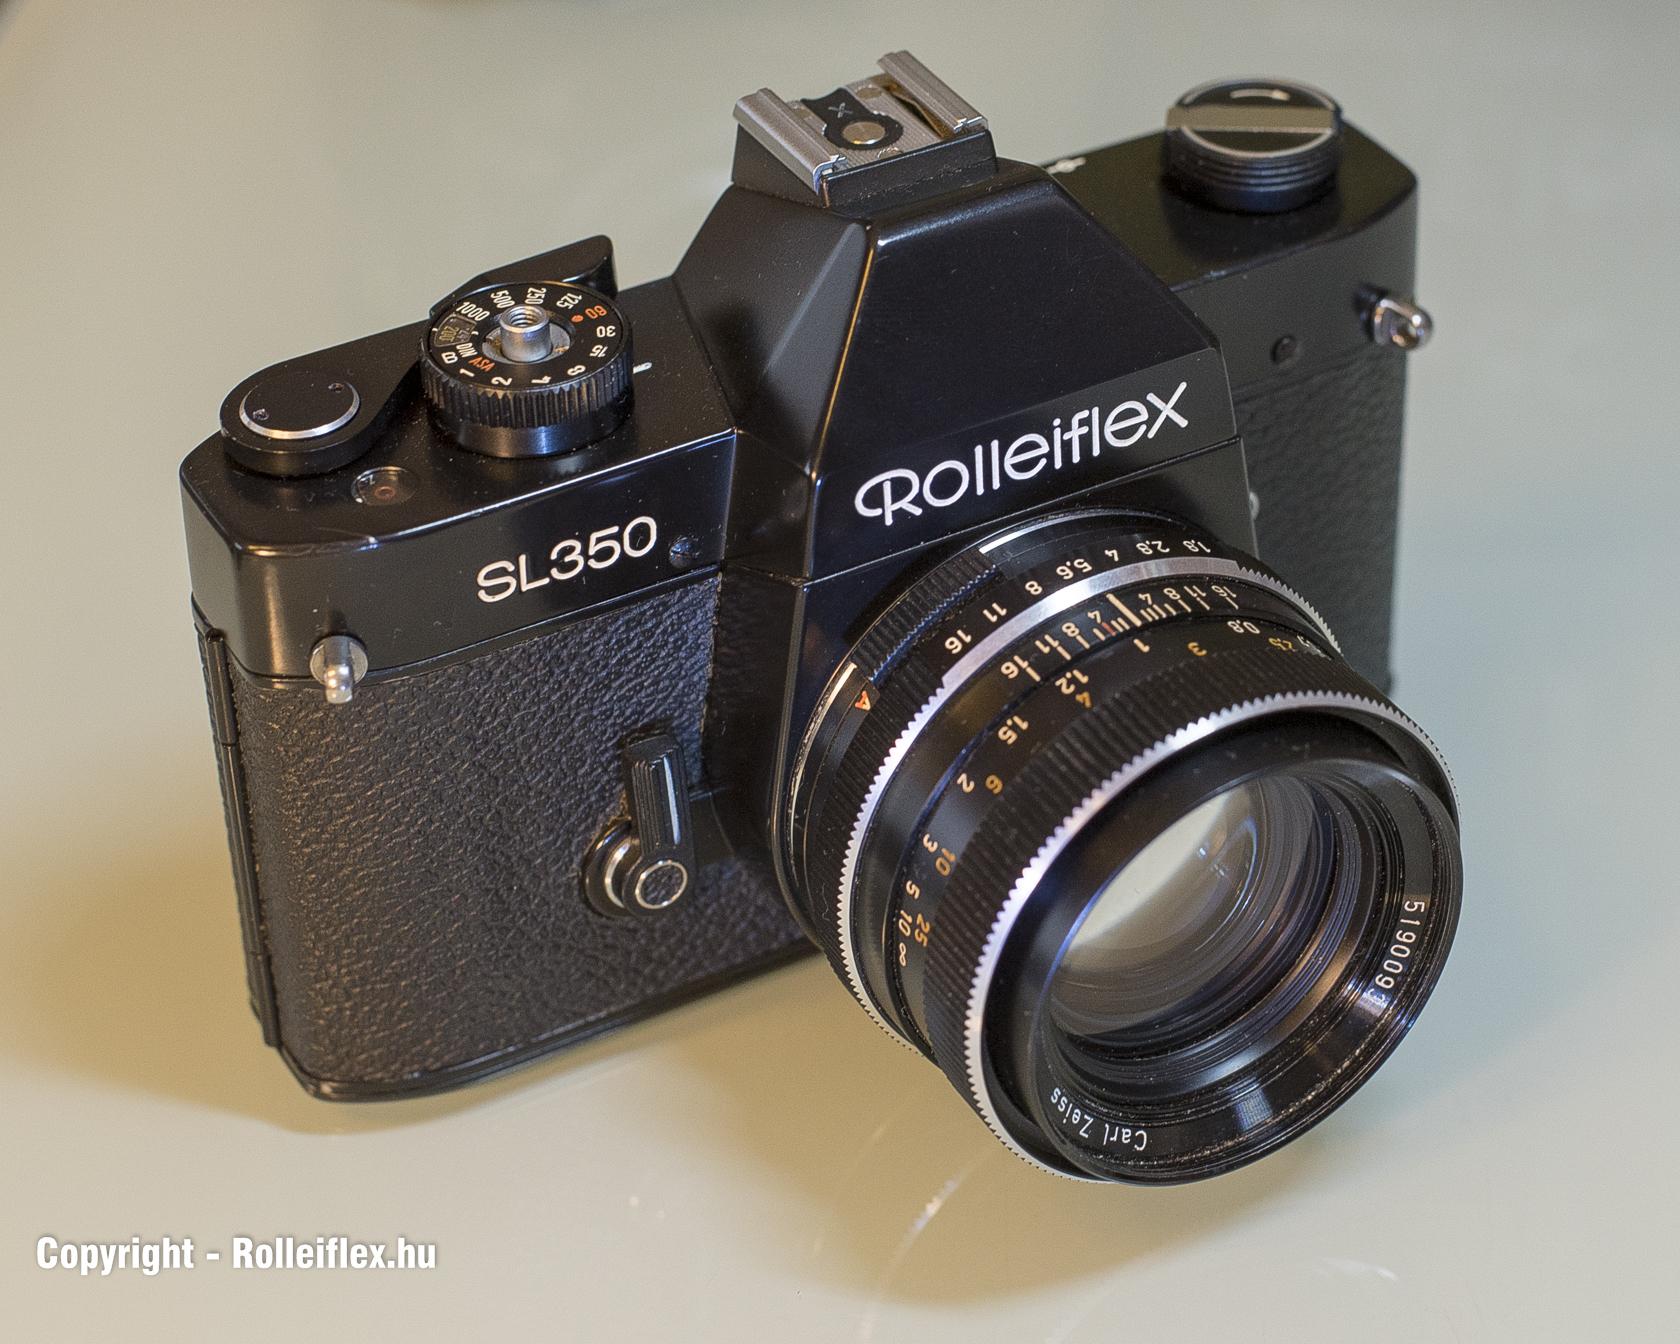 rolleiflex sl 350